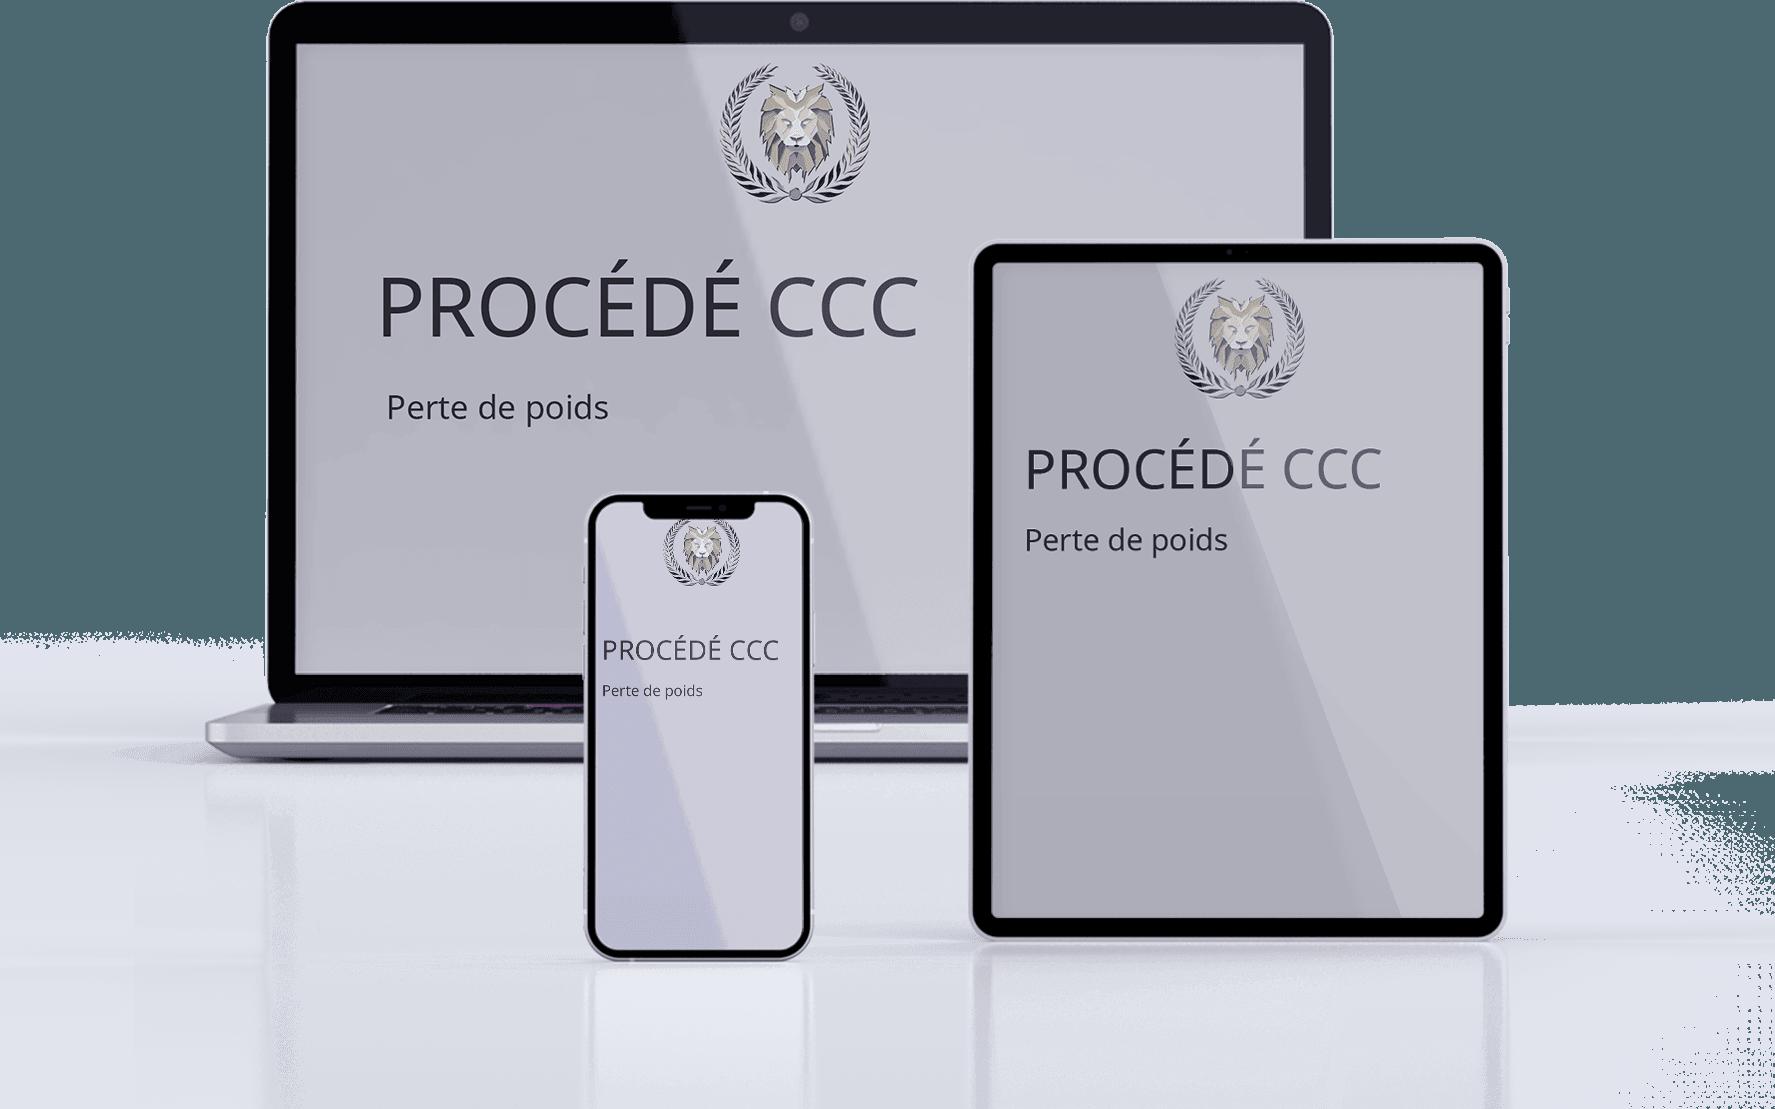 Procédé CCC – La PUISSANCE de la neuro MINCEUR (Perte de poids)